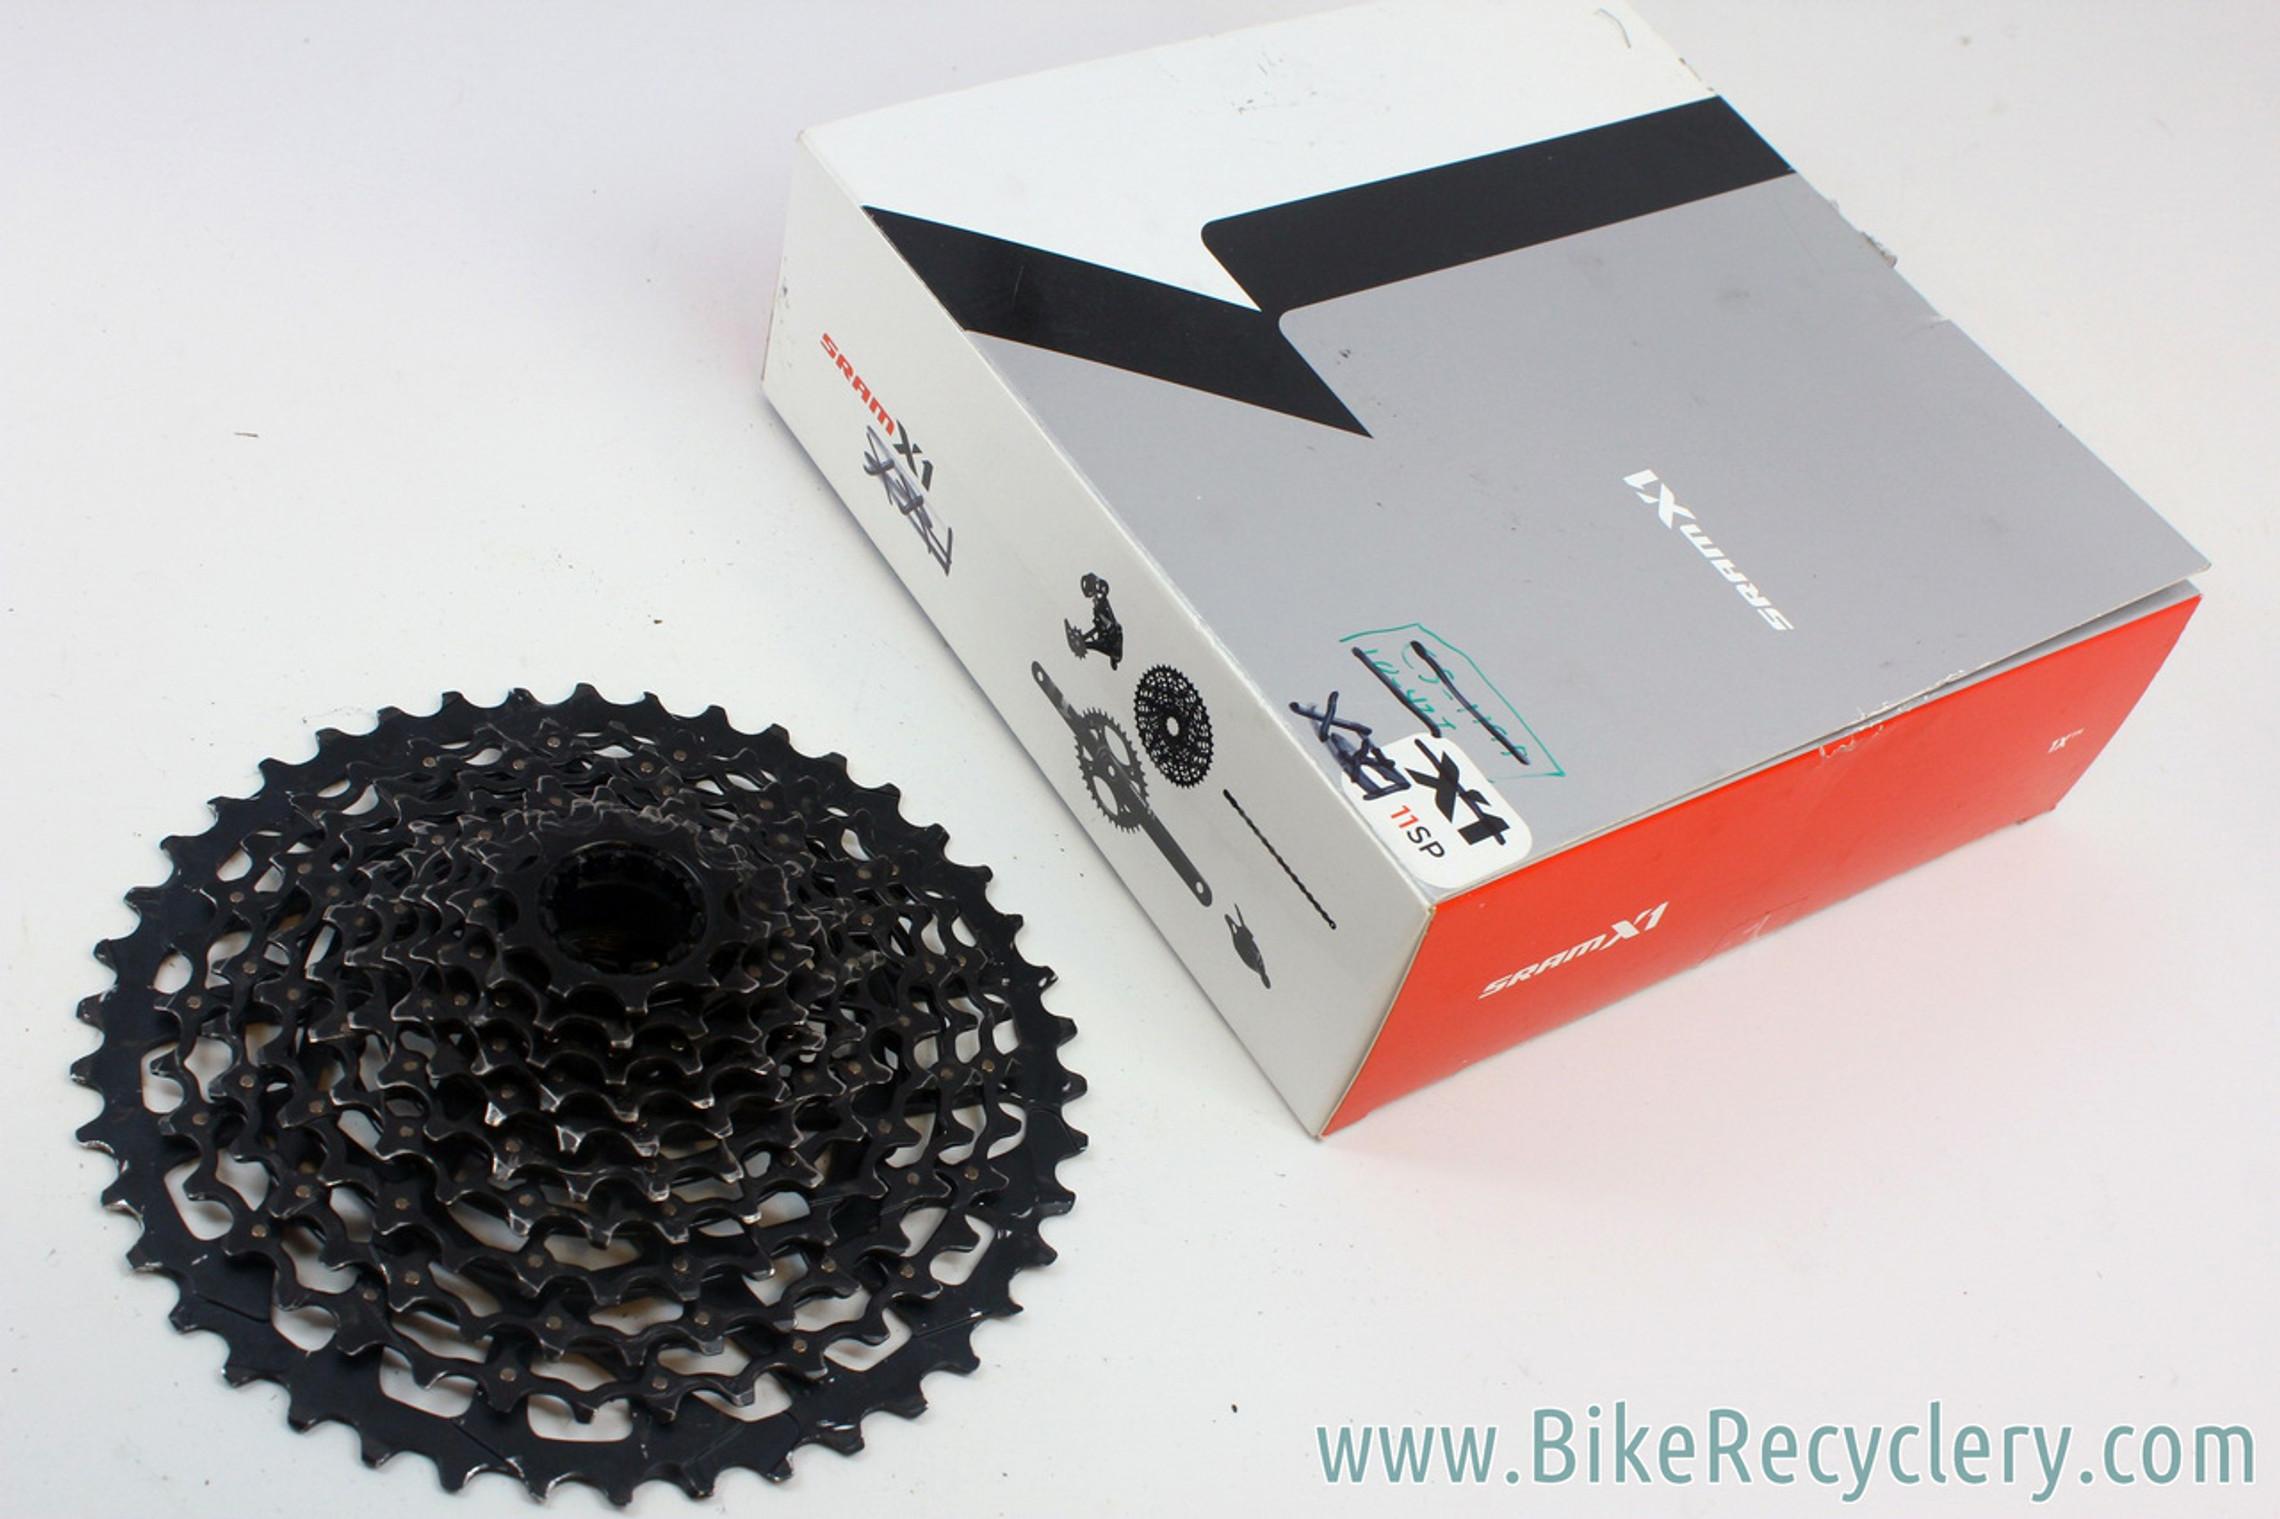 SRAM X1 XG-1199 11 Speed MTB X-Glide Cassette: 10-42t - Fits XX1 X01 X1 (used)